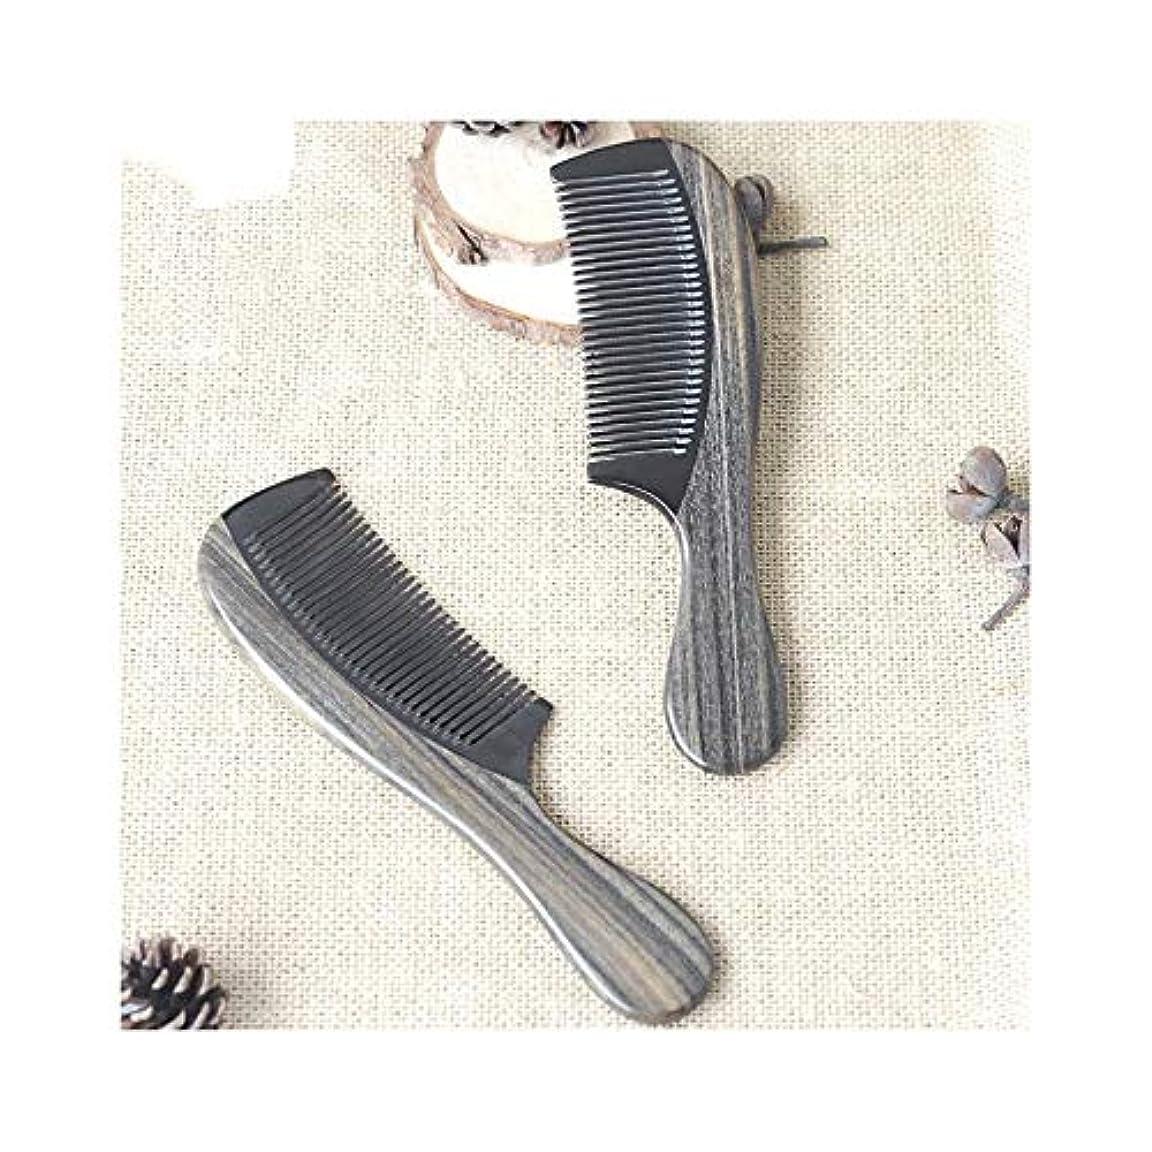 図書館娘繁雑Fashianホーンくしナチュラルグレイン木製マッサージヘアコーム(ショートハンドル - 標準歯形) ヘアケア